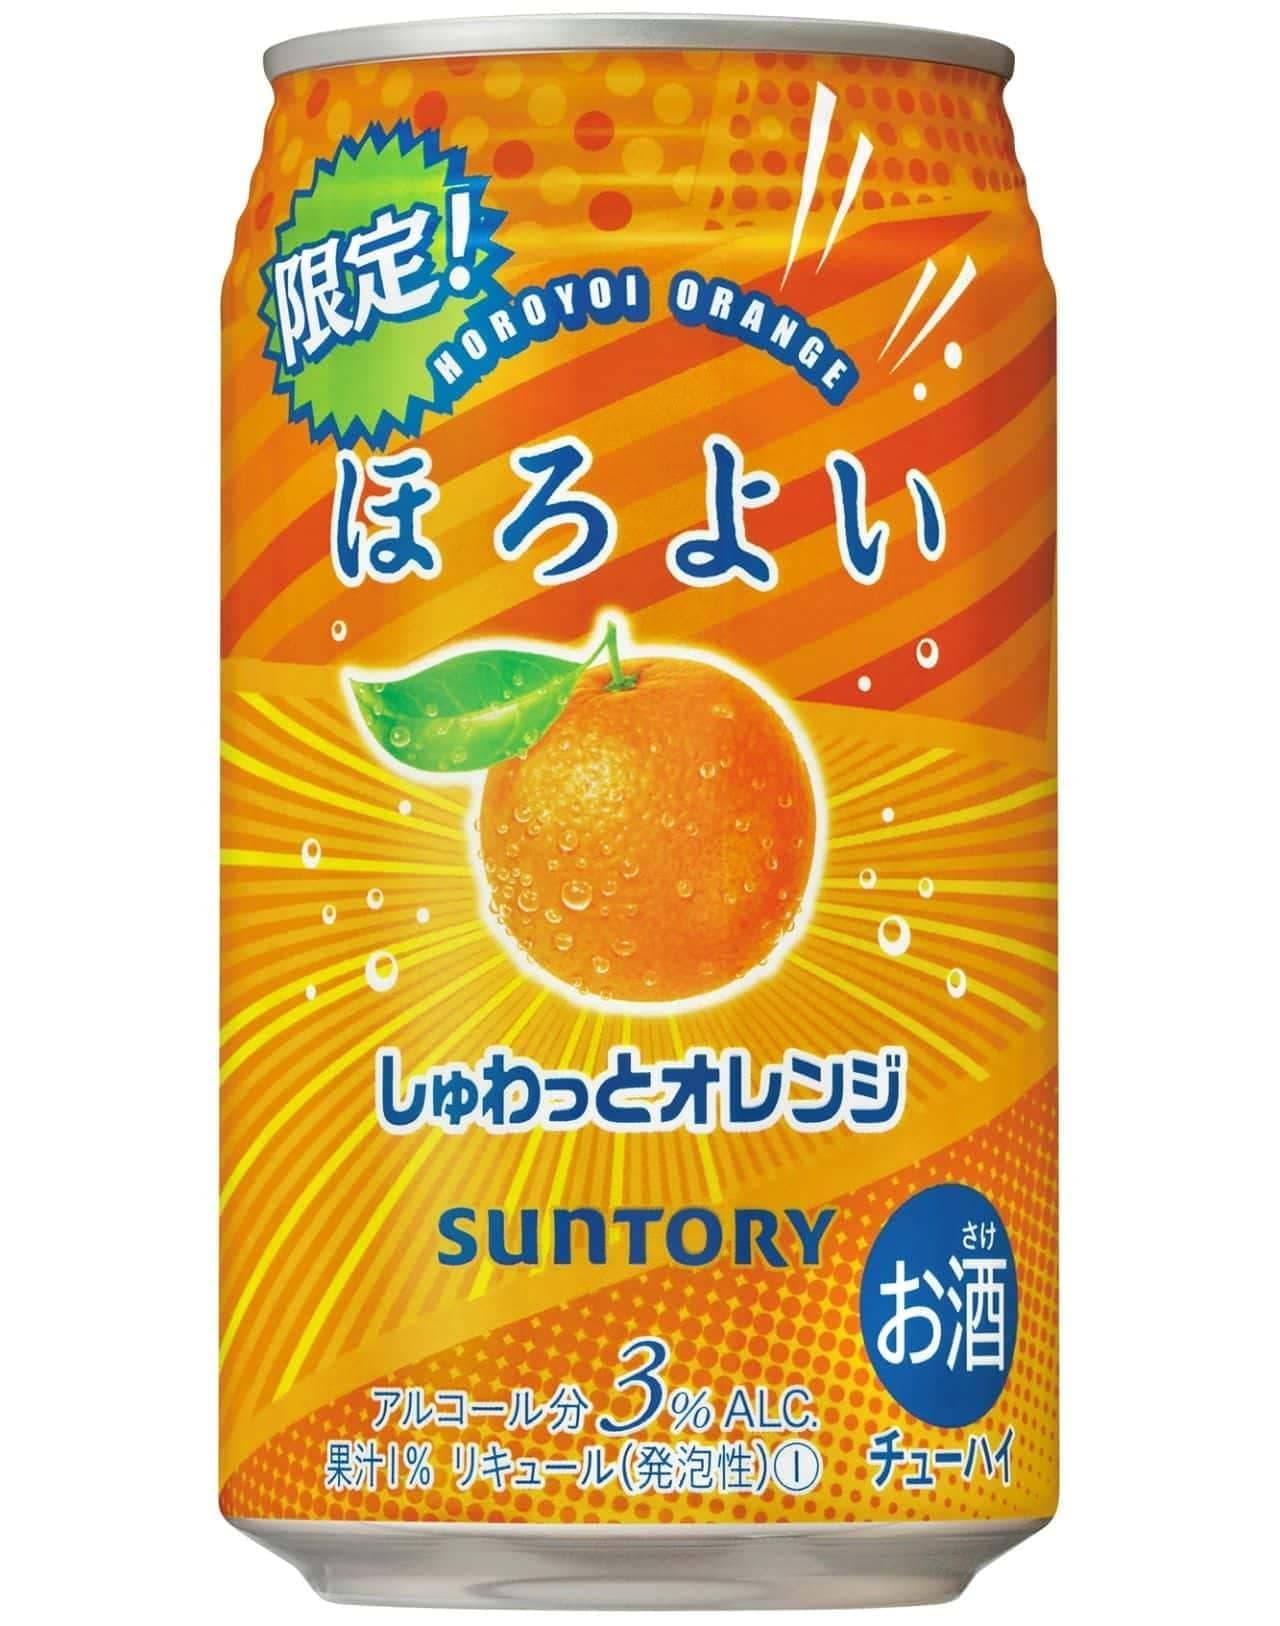 サントリースピリッツ「ほろよい〈しゅわっとオレンジ〉」